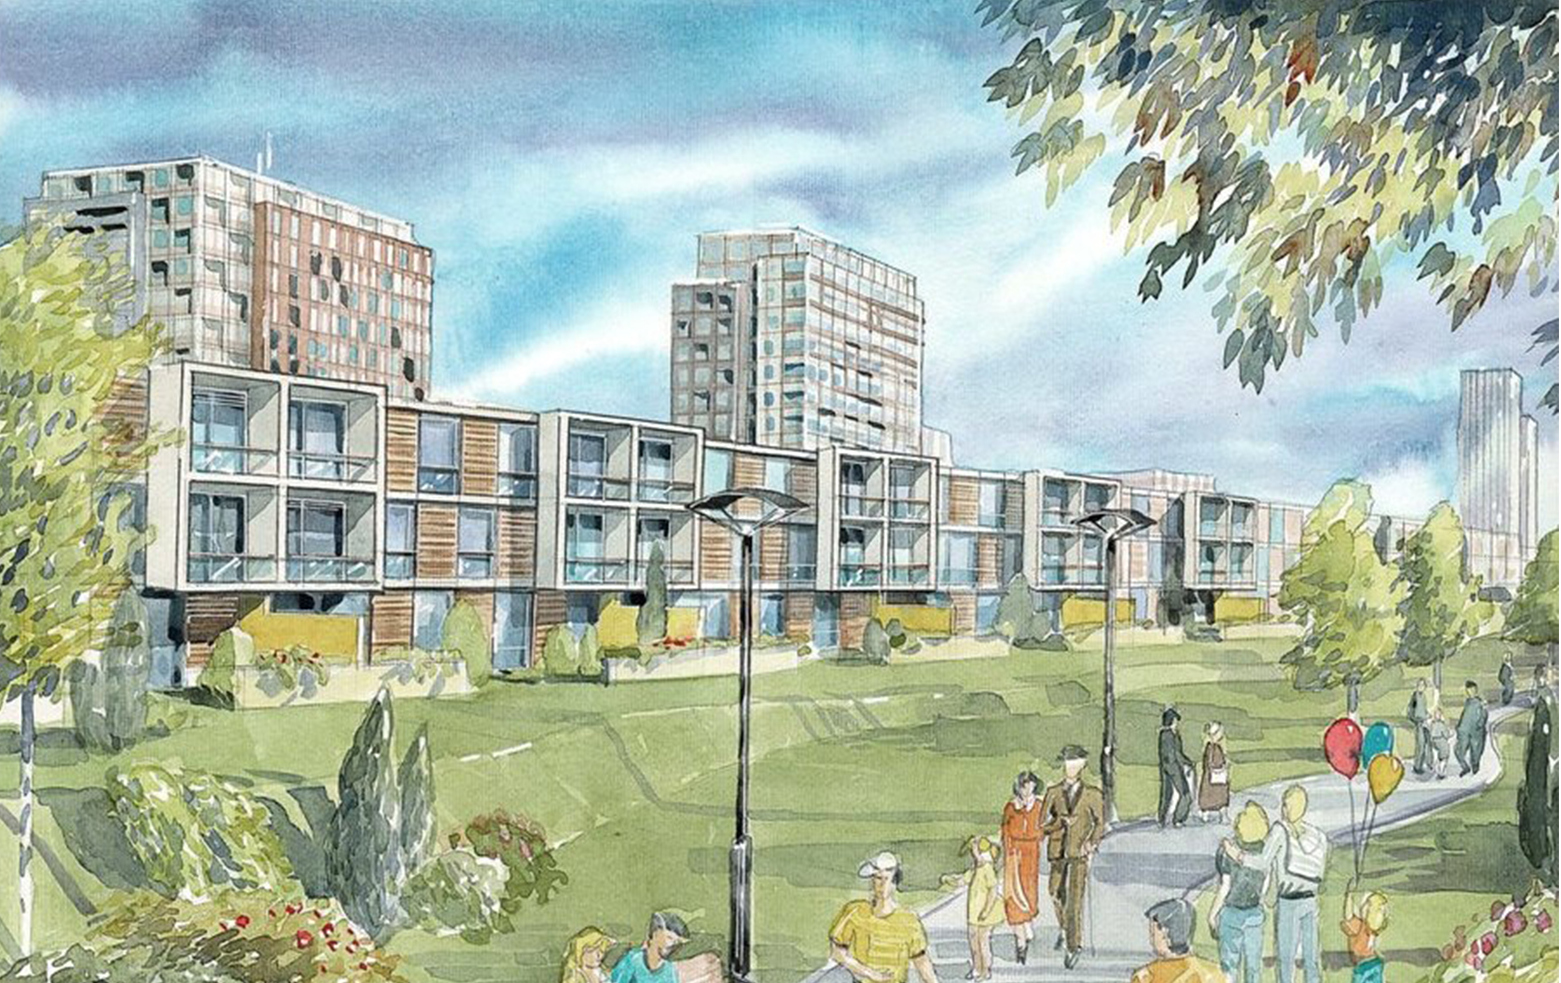 Idejno urbanističko rešenje, Krasnodar, Rusija